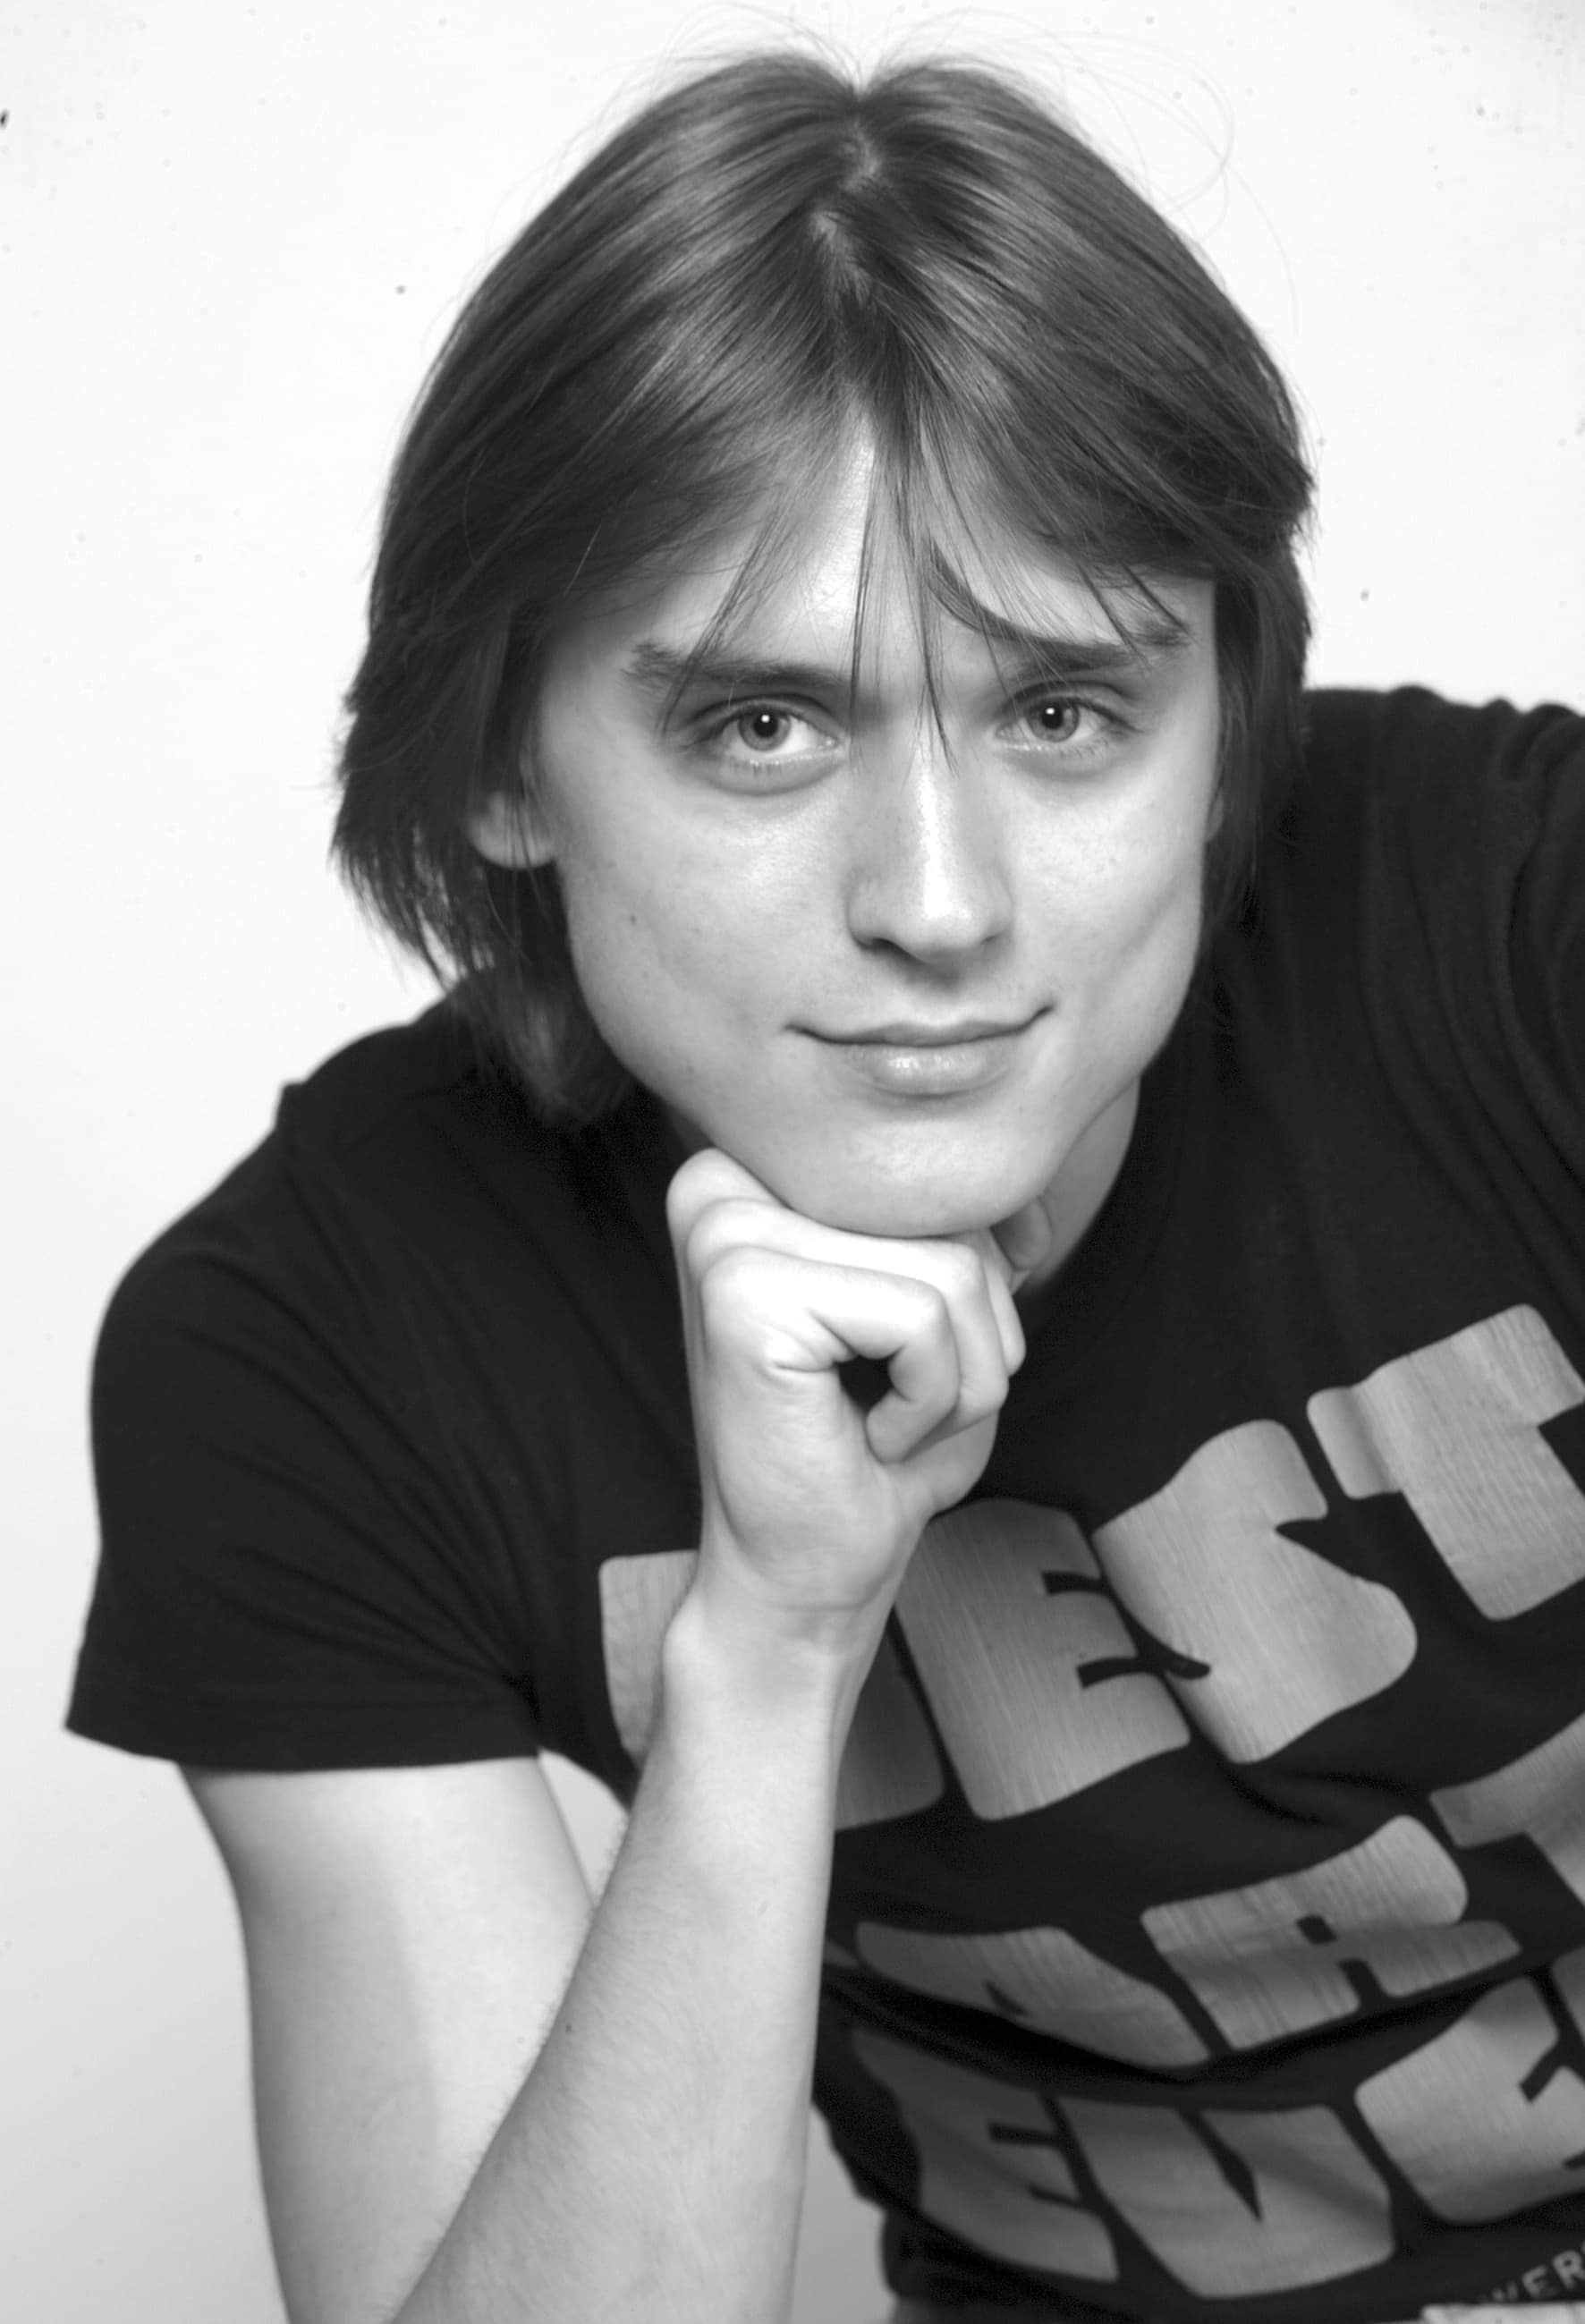 Денис Родькин. Фото - Дамир Юсупов